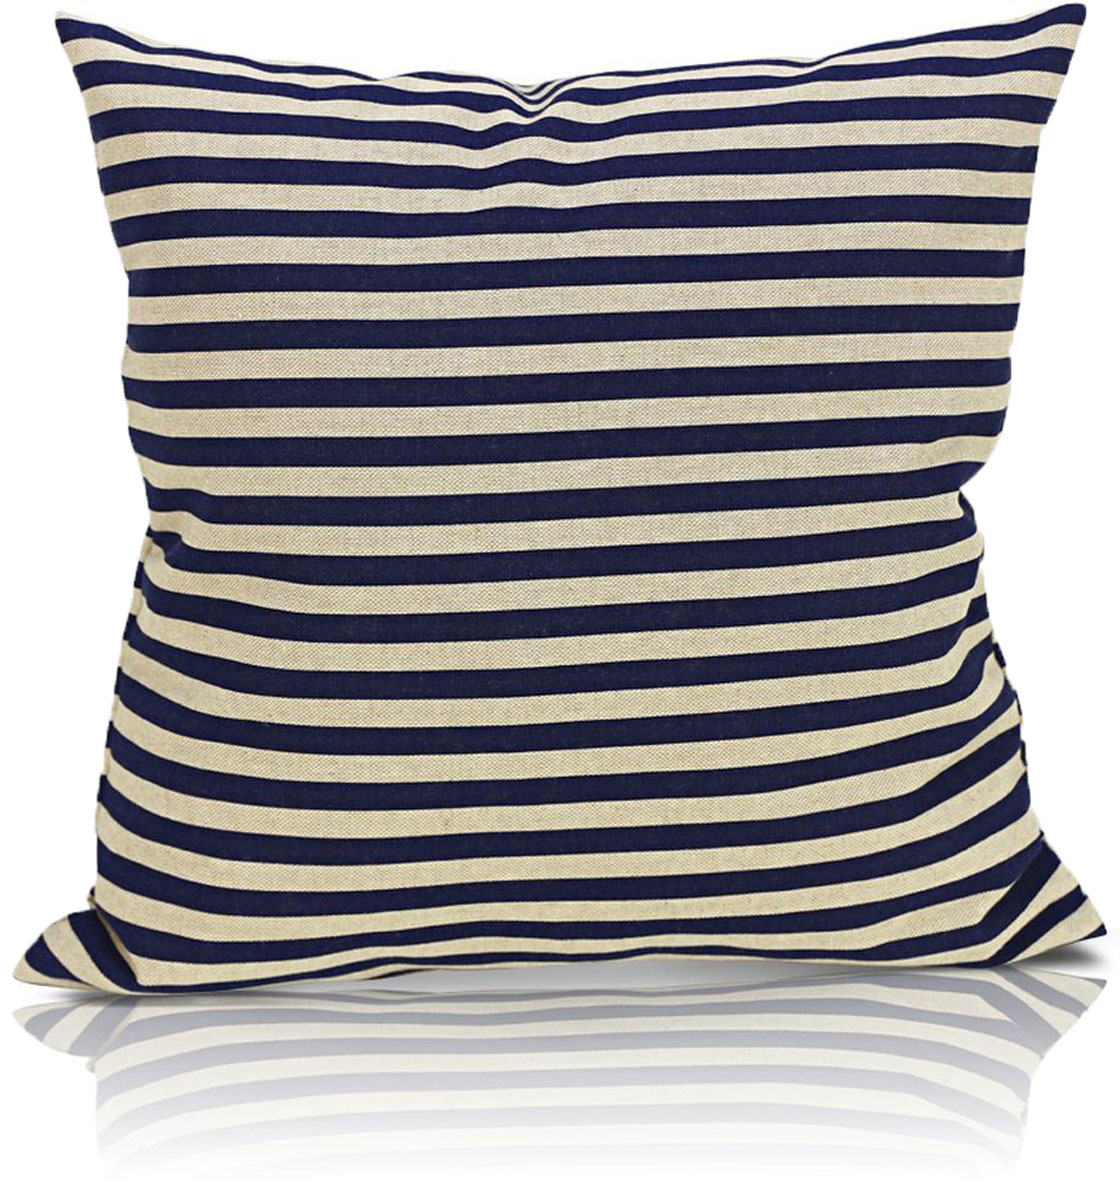 """Декоративная подушка """"Мурено"""" прекрасно дополнит интерьер спальни или гостиной.  Чехол  подушки выполнен из лонеты. Внутри находится мягкий наполнитель. Чехол  легко снимается  благодаря потайной молнии."""